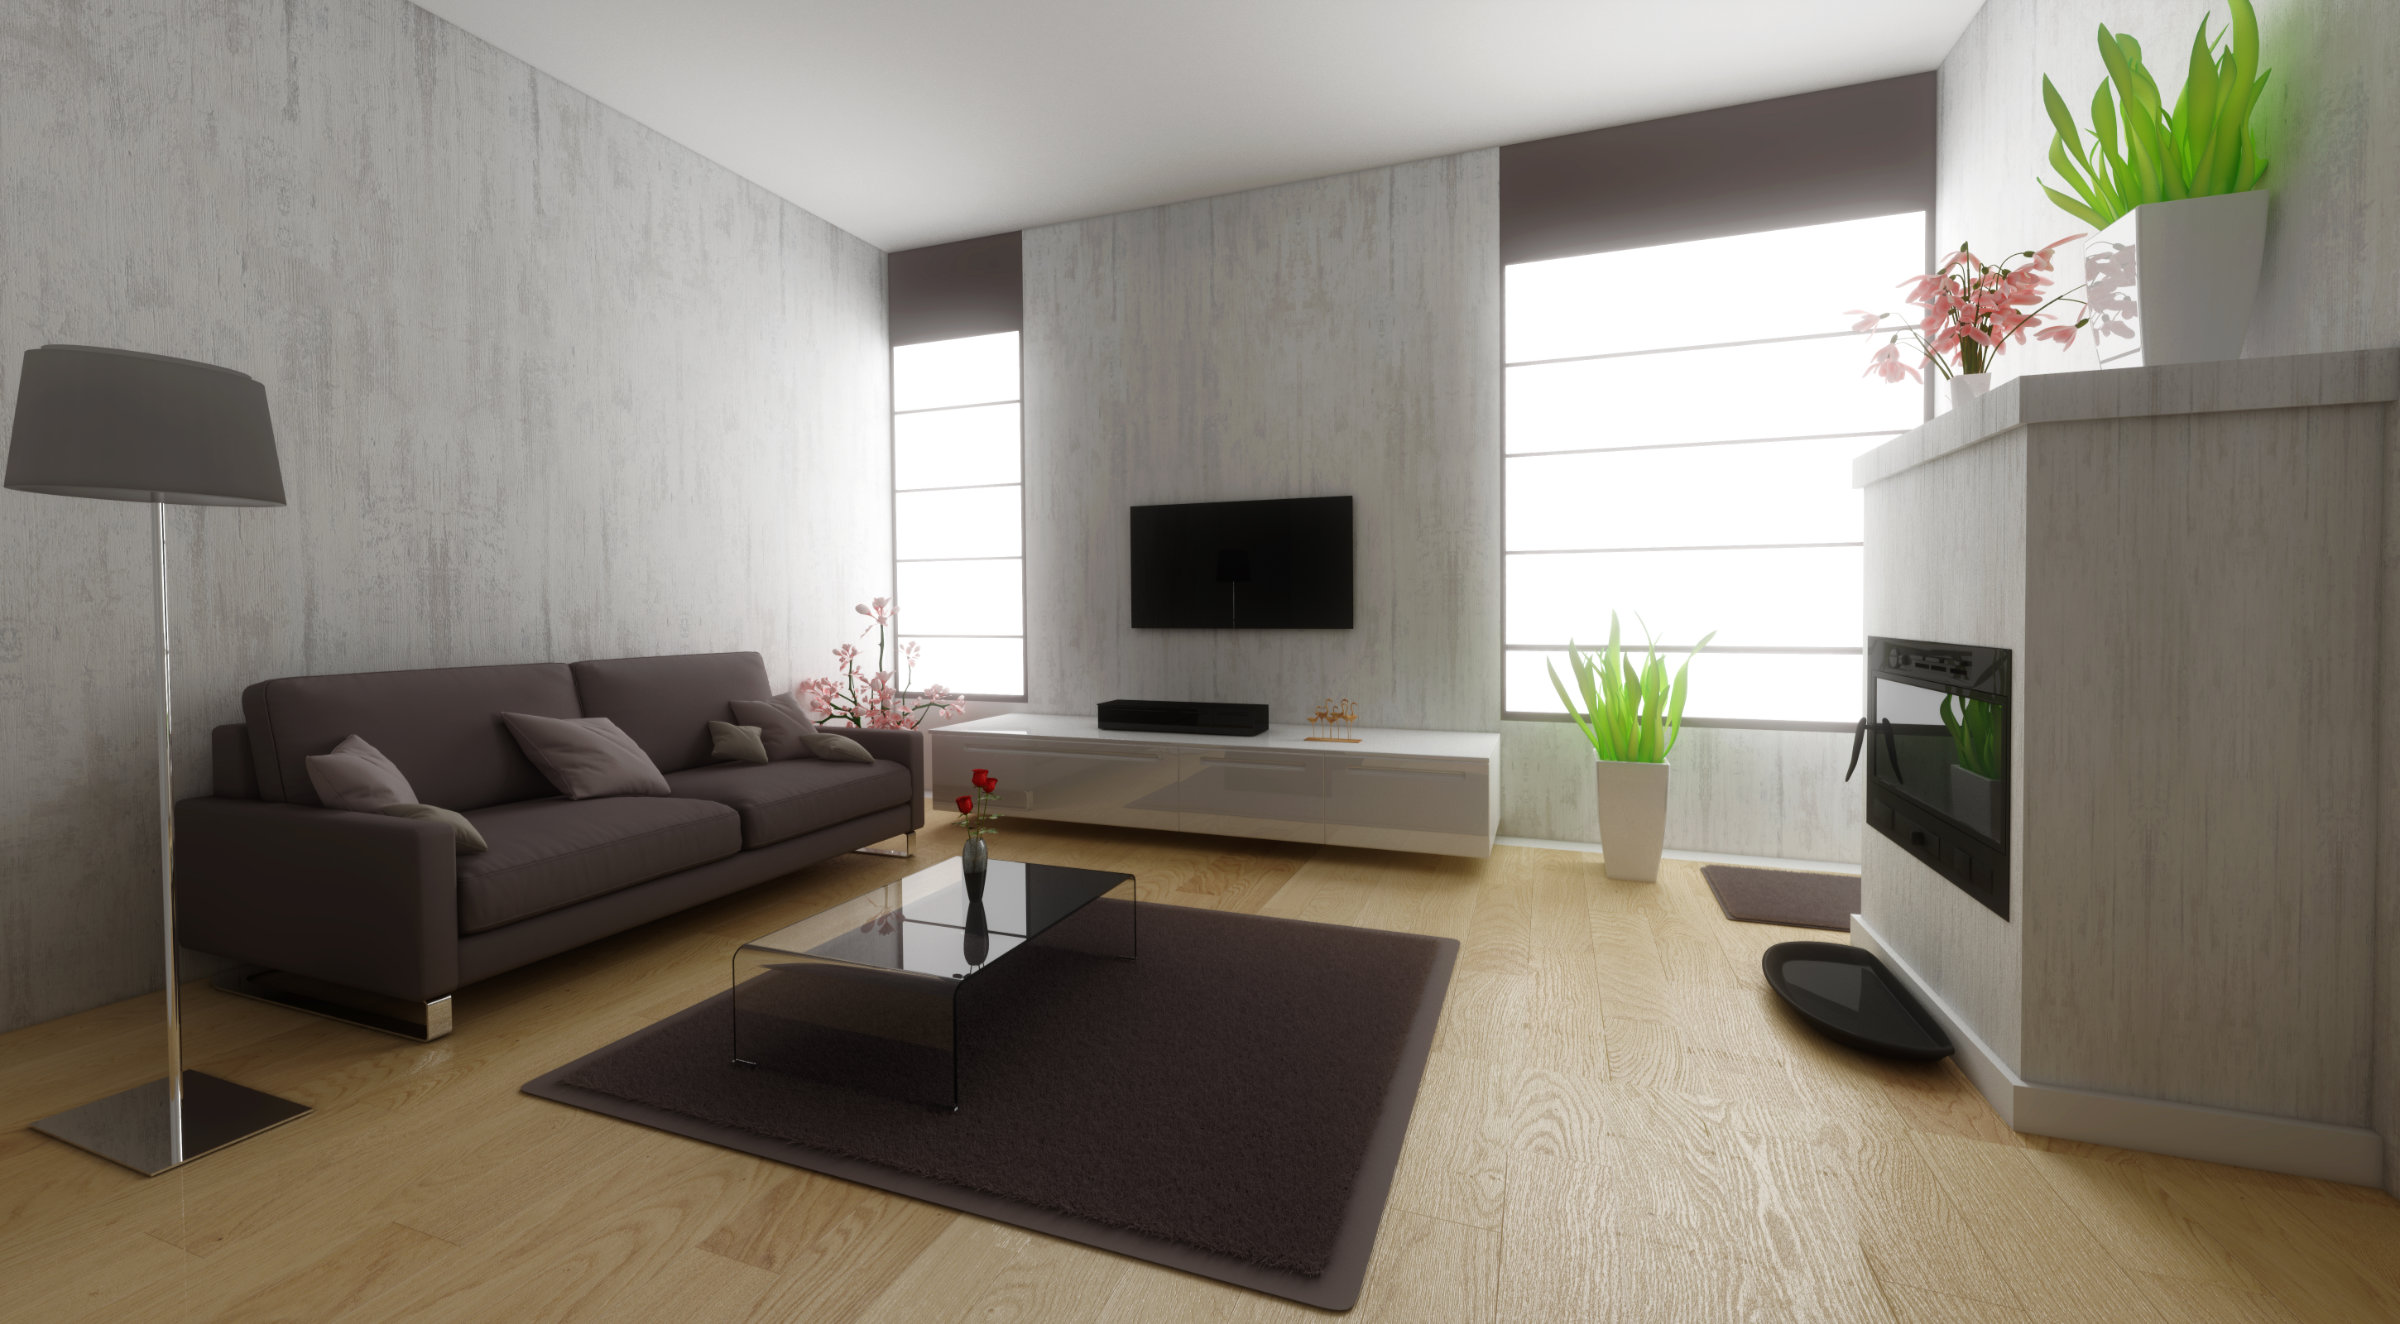 Pannelli rivestimenti decorativi da muro pareti interni soggiorno e zona giorno - Rivestimenti decorativi per interni ...